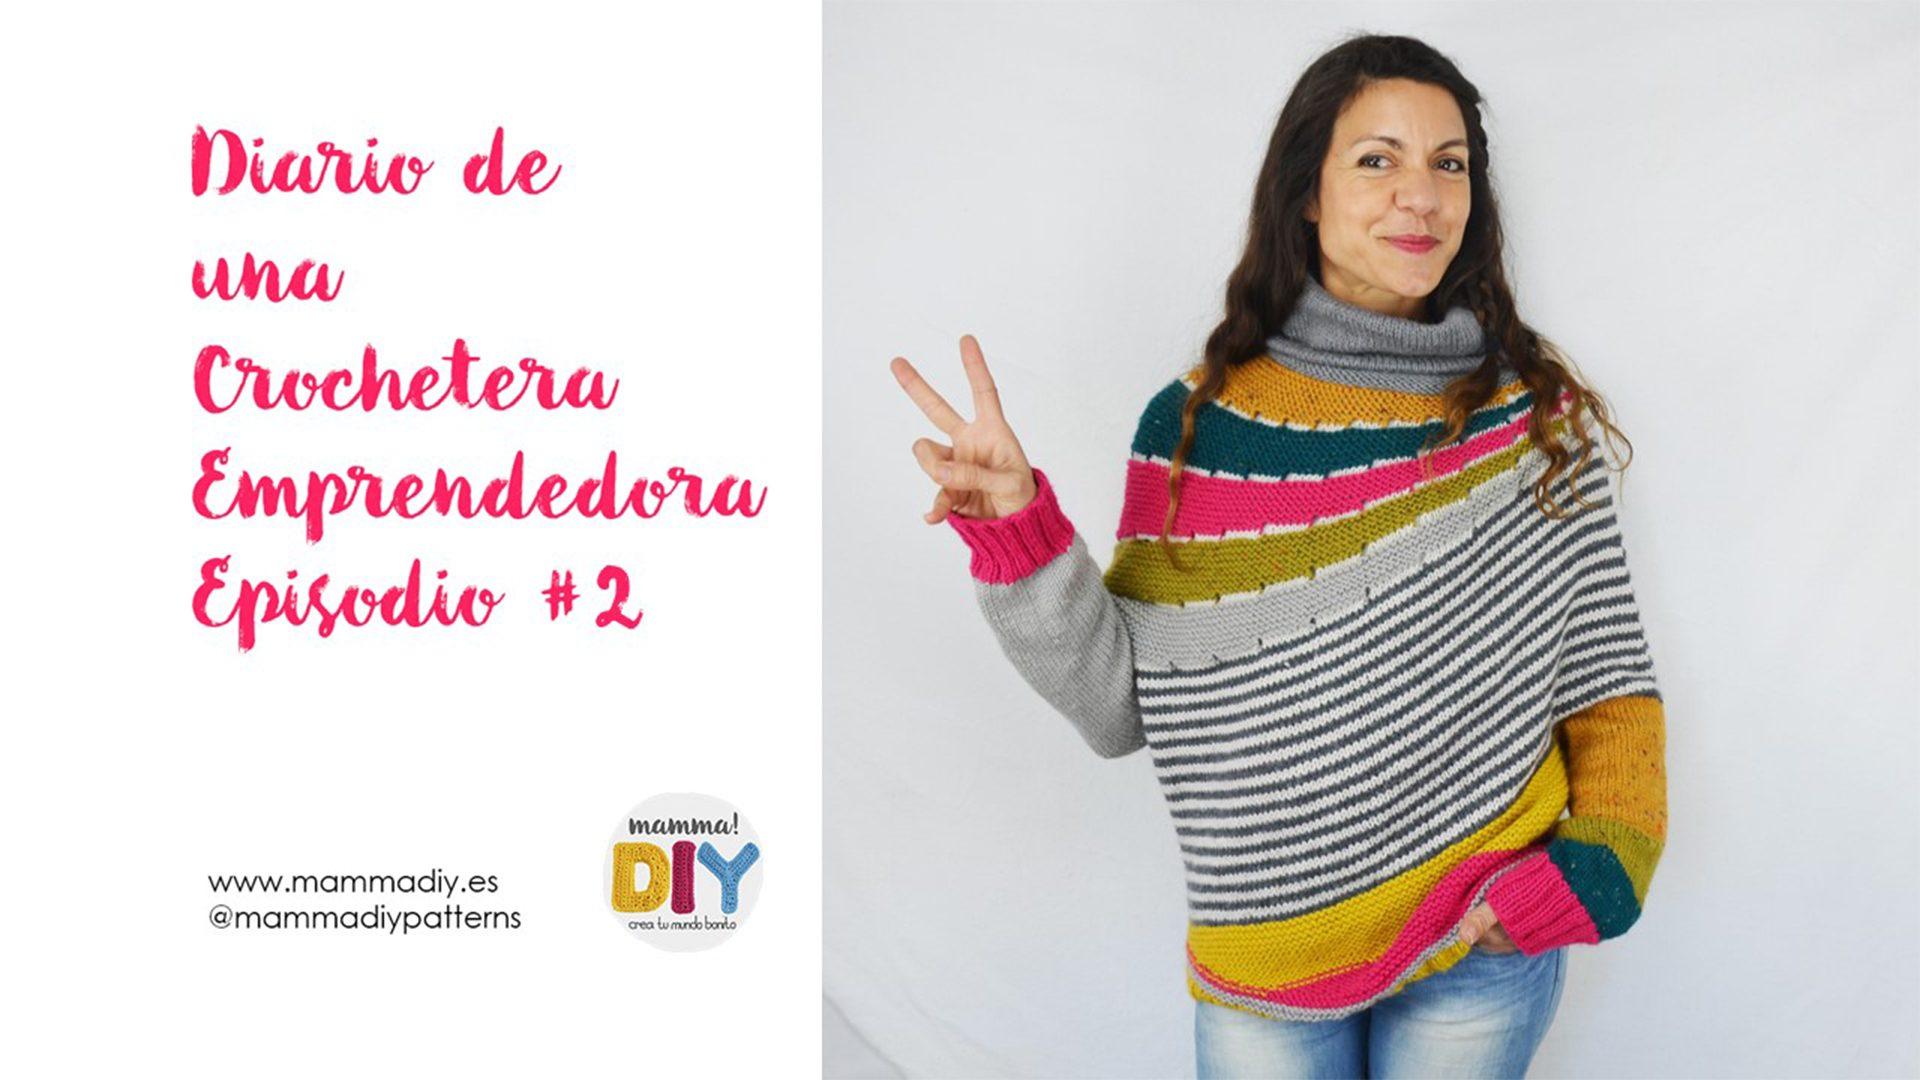 Diario de una Crochetera Emprendedora Episodio 2